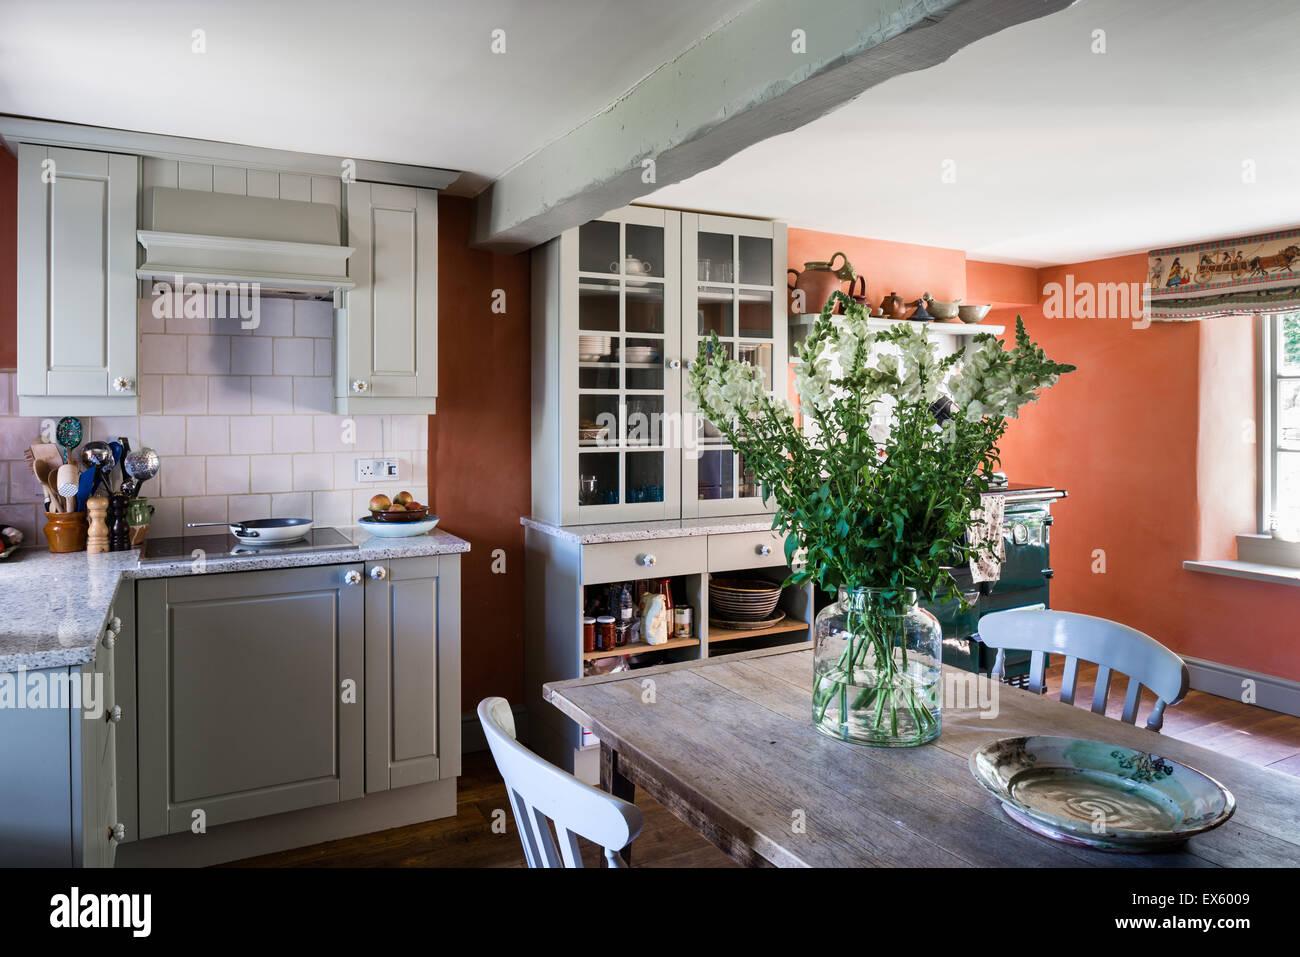 Schön Küche Bauernhof Sinkt Kupfer Ideen - Küchenschrank Ideen ...